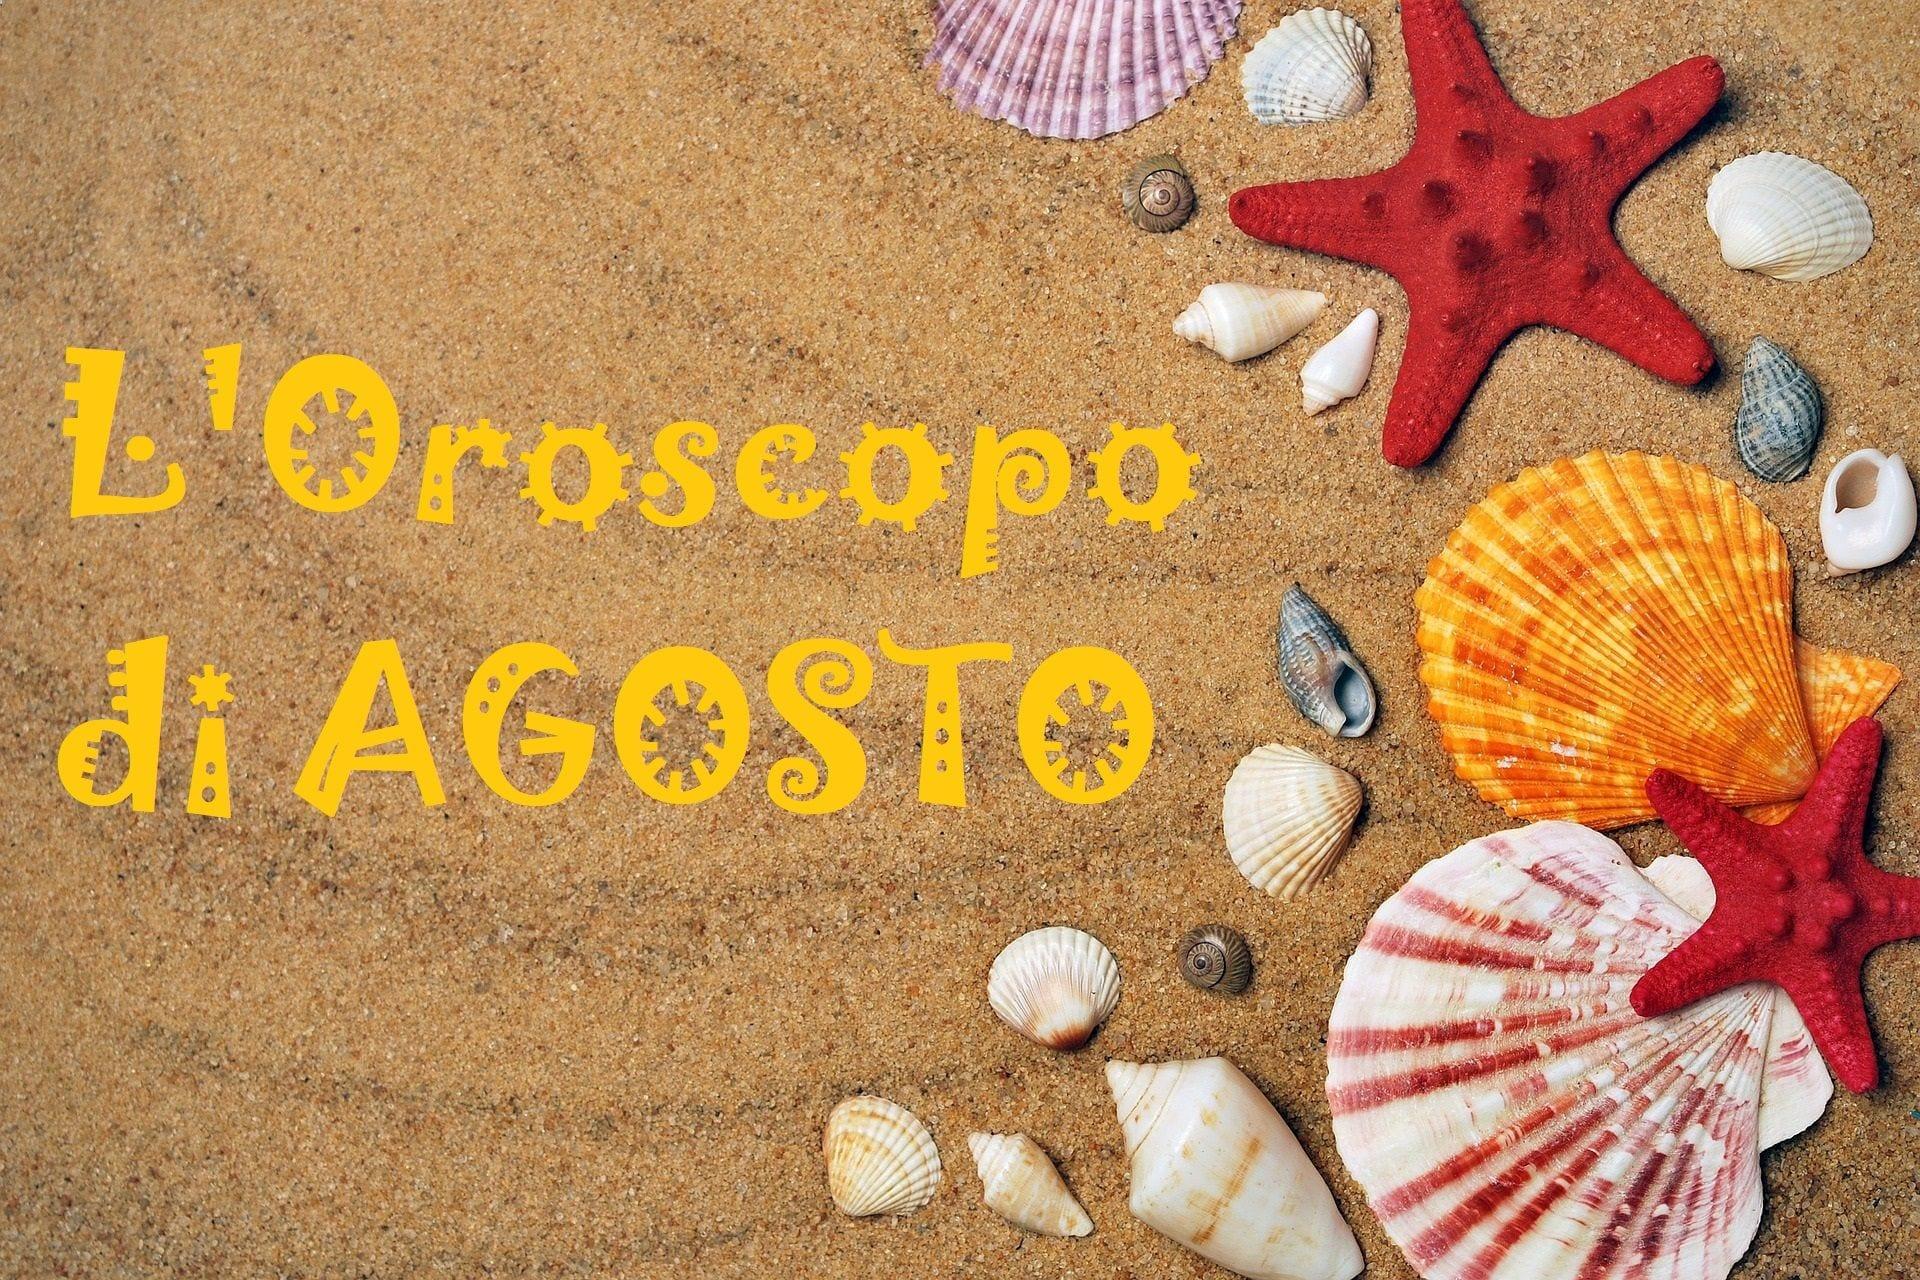 L'Oroscopo di agosto 2020: un'estate bollente per il Cancro!